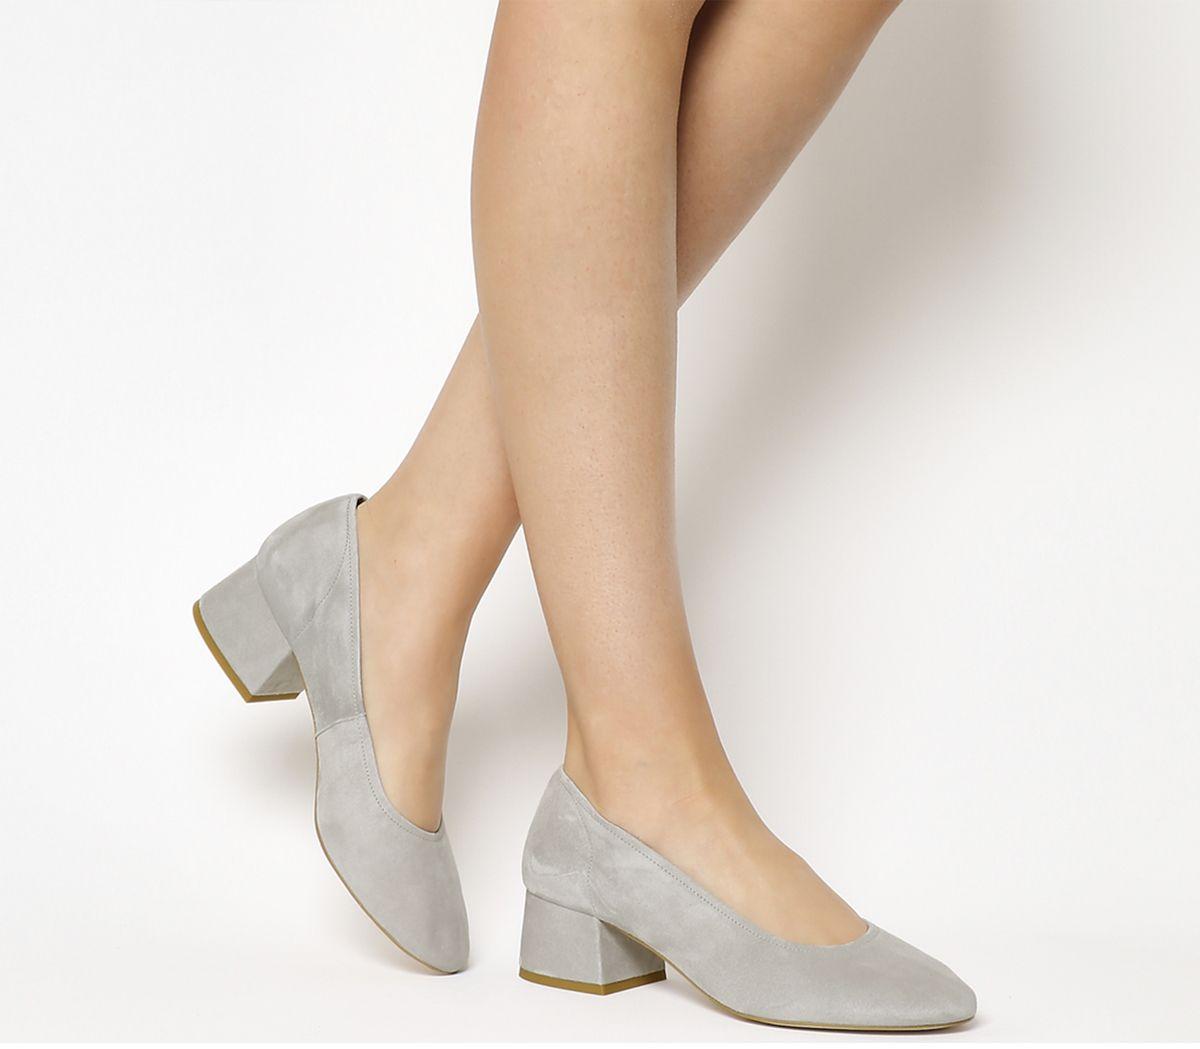 b60eea848d9 Office Maze Soft Topline Block Heels Grey Suede - Mid Heels